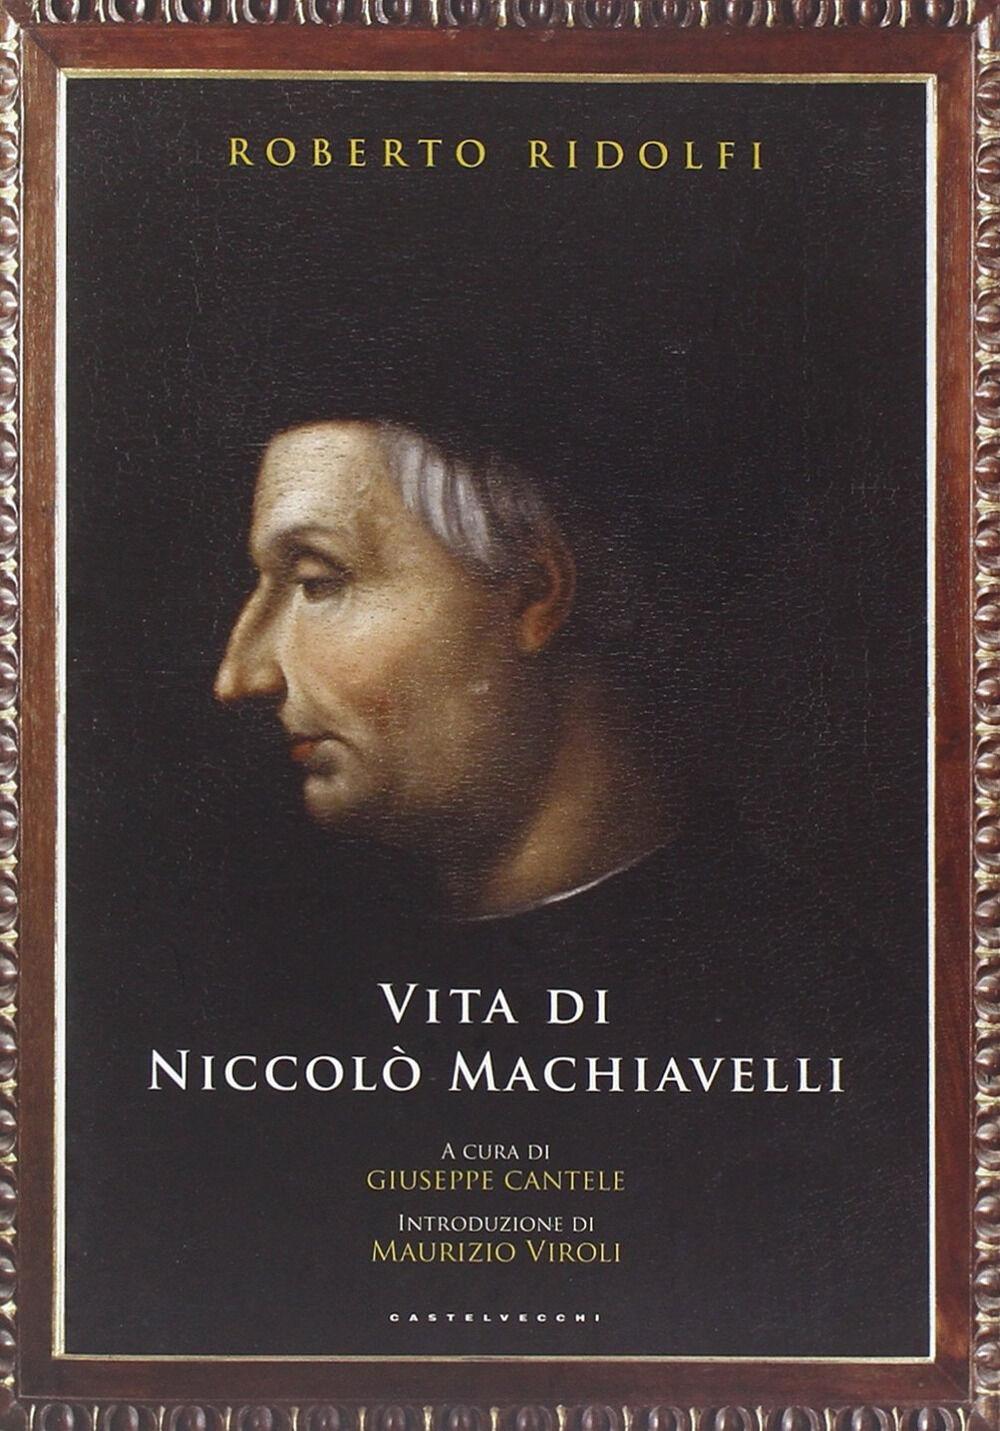 Vita di Niccolò Machiavelli